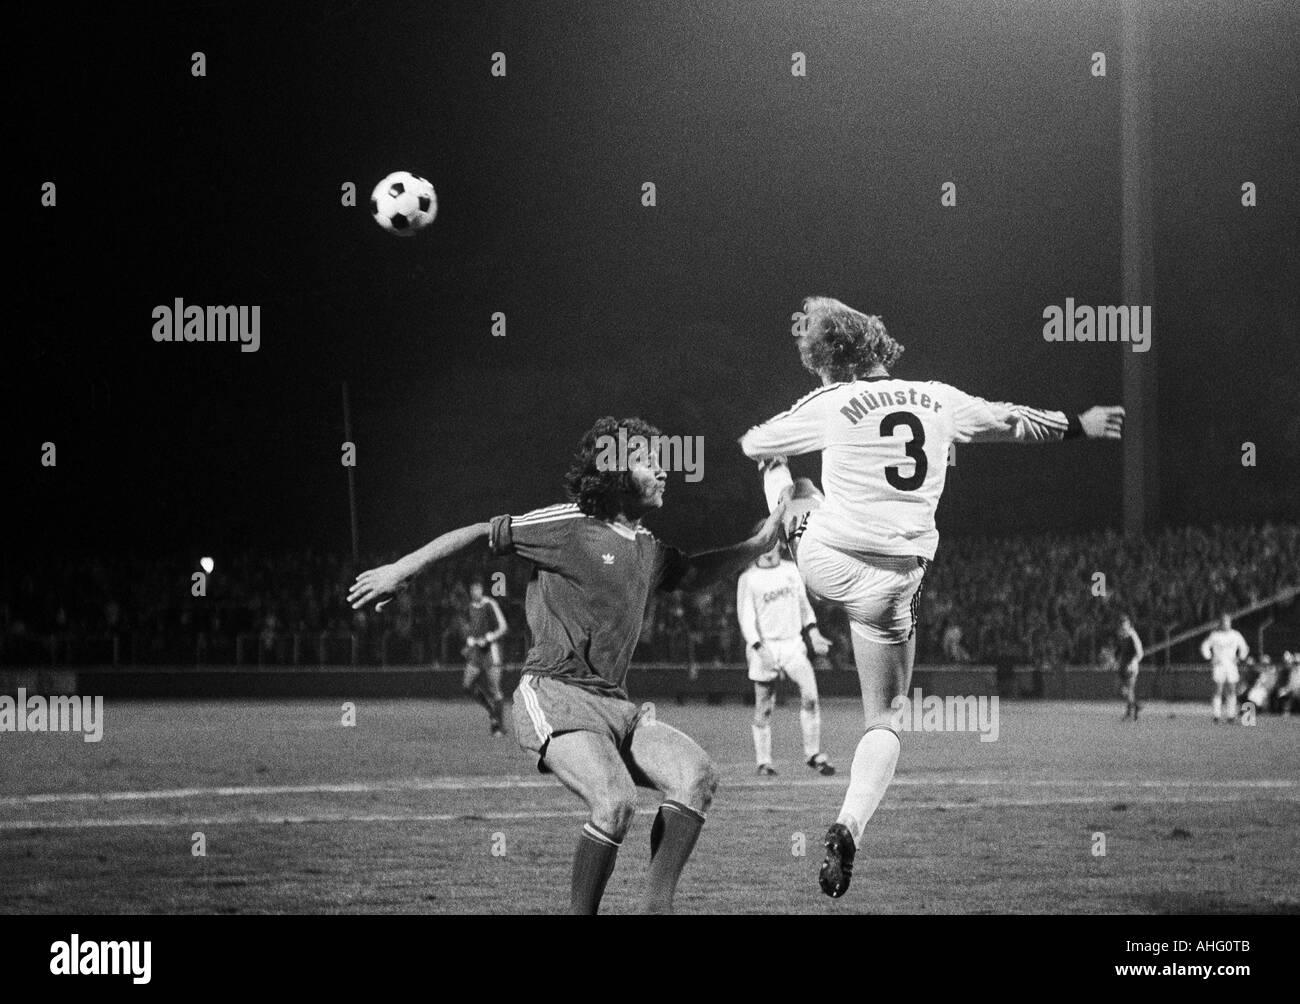 football, second Bundesliga North, 1974/1975, Rot-Weiss Oberhausen versus Preussen Muenster 2:1, Niederrhein Stadium in Oberhausen, scene of the match, duel between Walter Krause (RWO) left and a Muenster player (3) - Stock Image